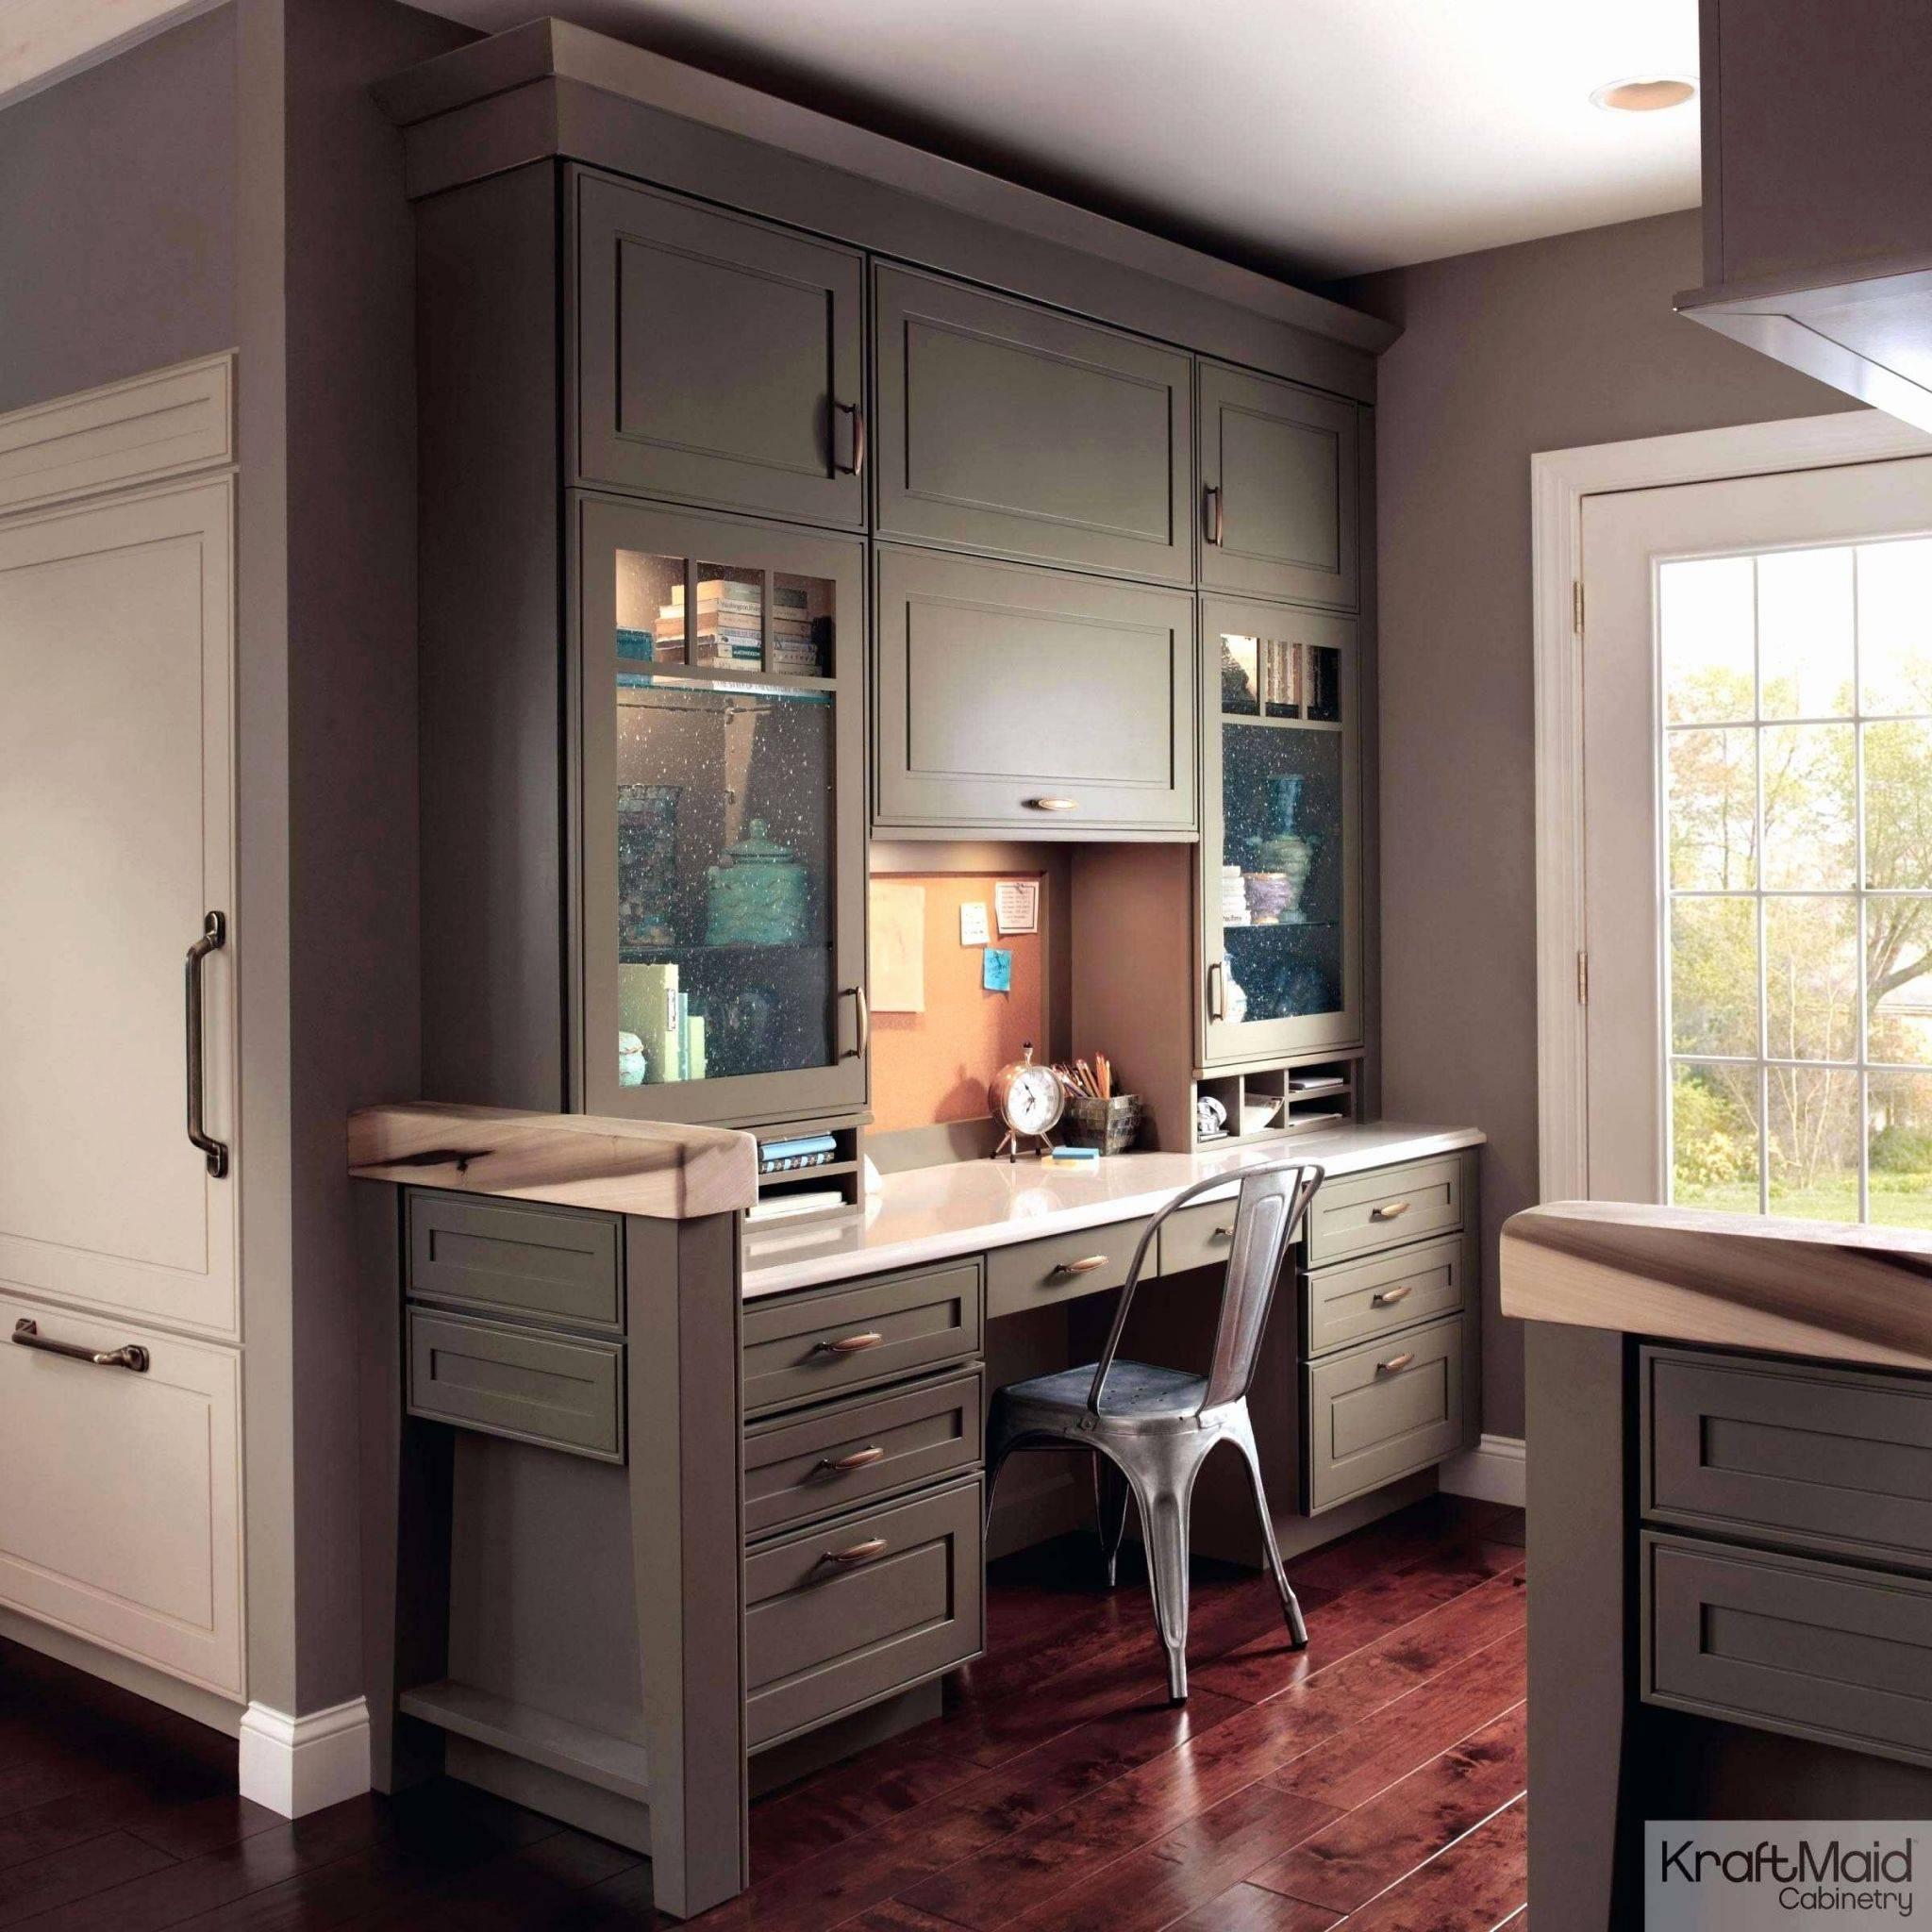 open floor plan kitchen design ideas with 29 best decorating open floor plans dirtotal dirtotal of open floor plan kitchen design ideas